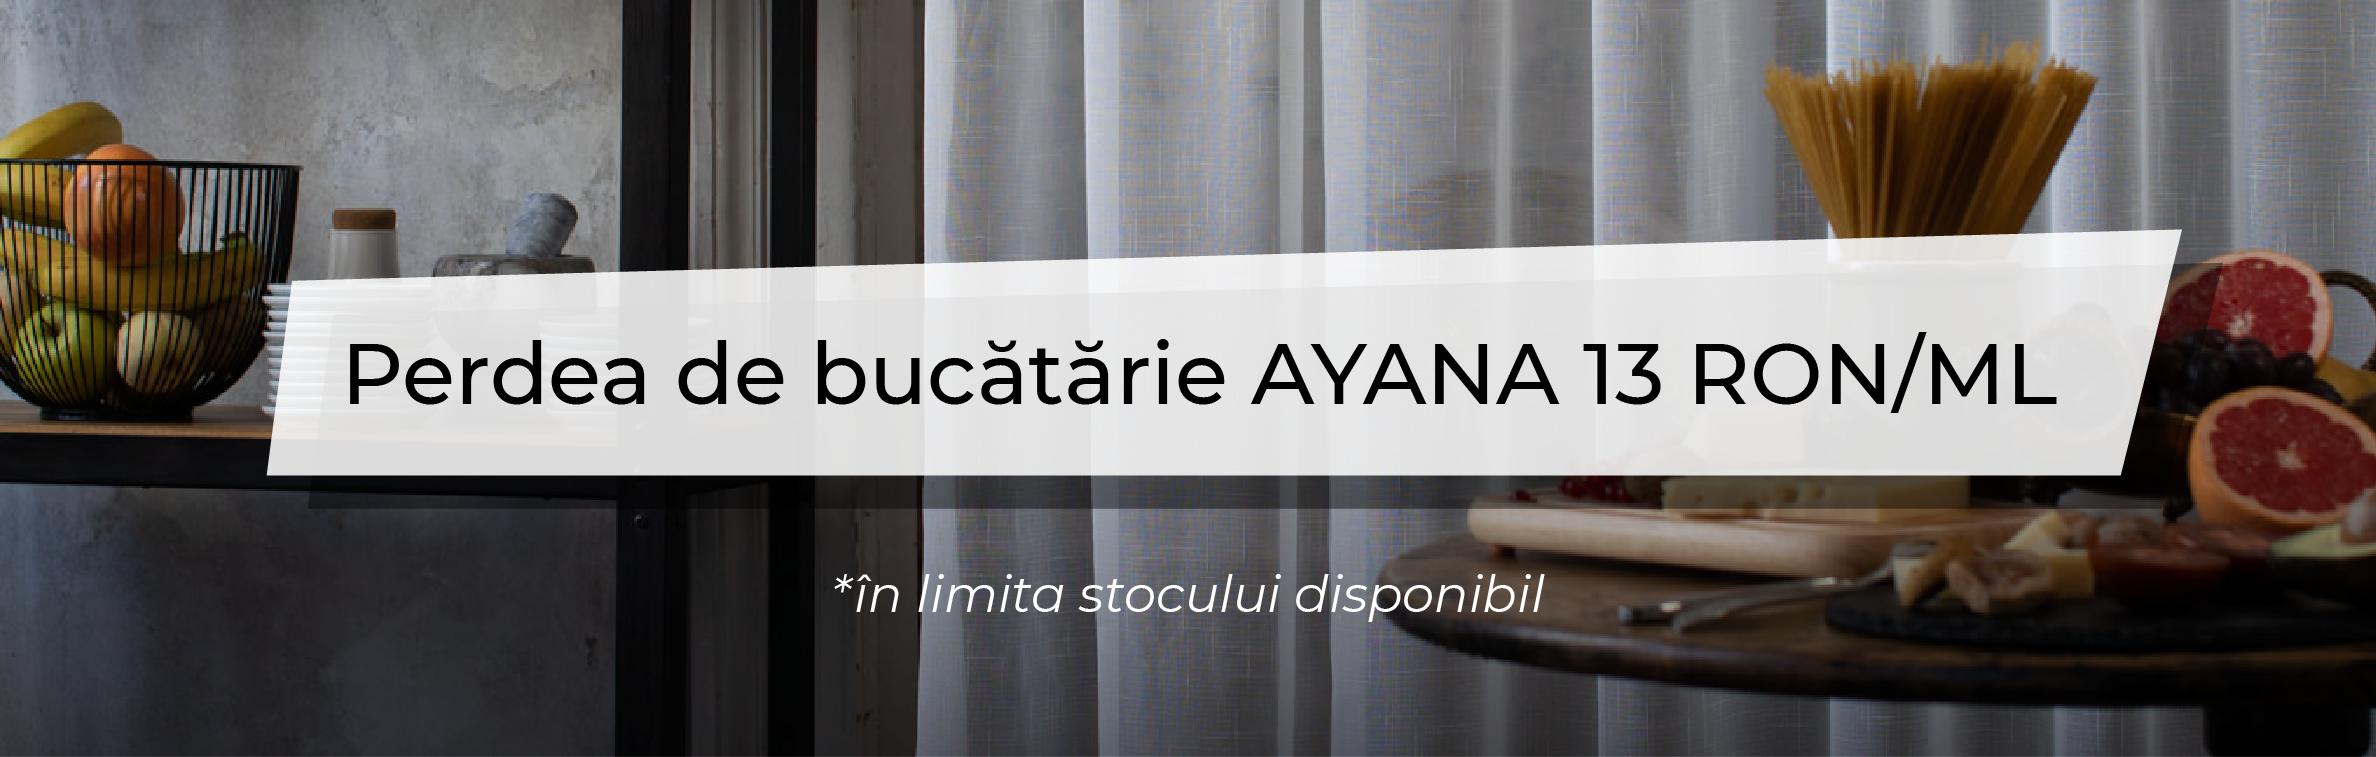 Promotiile Lunii - Perdea de bucatarie Ayana